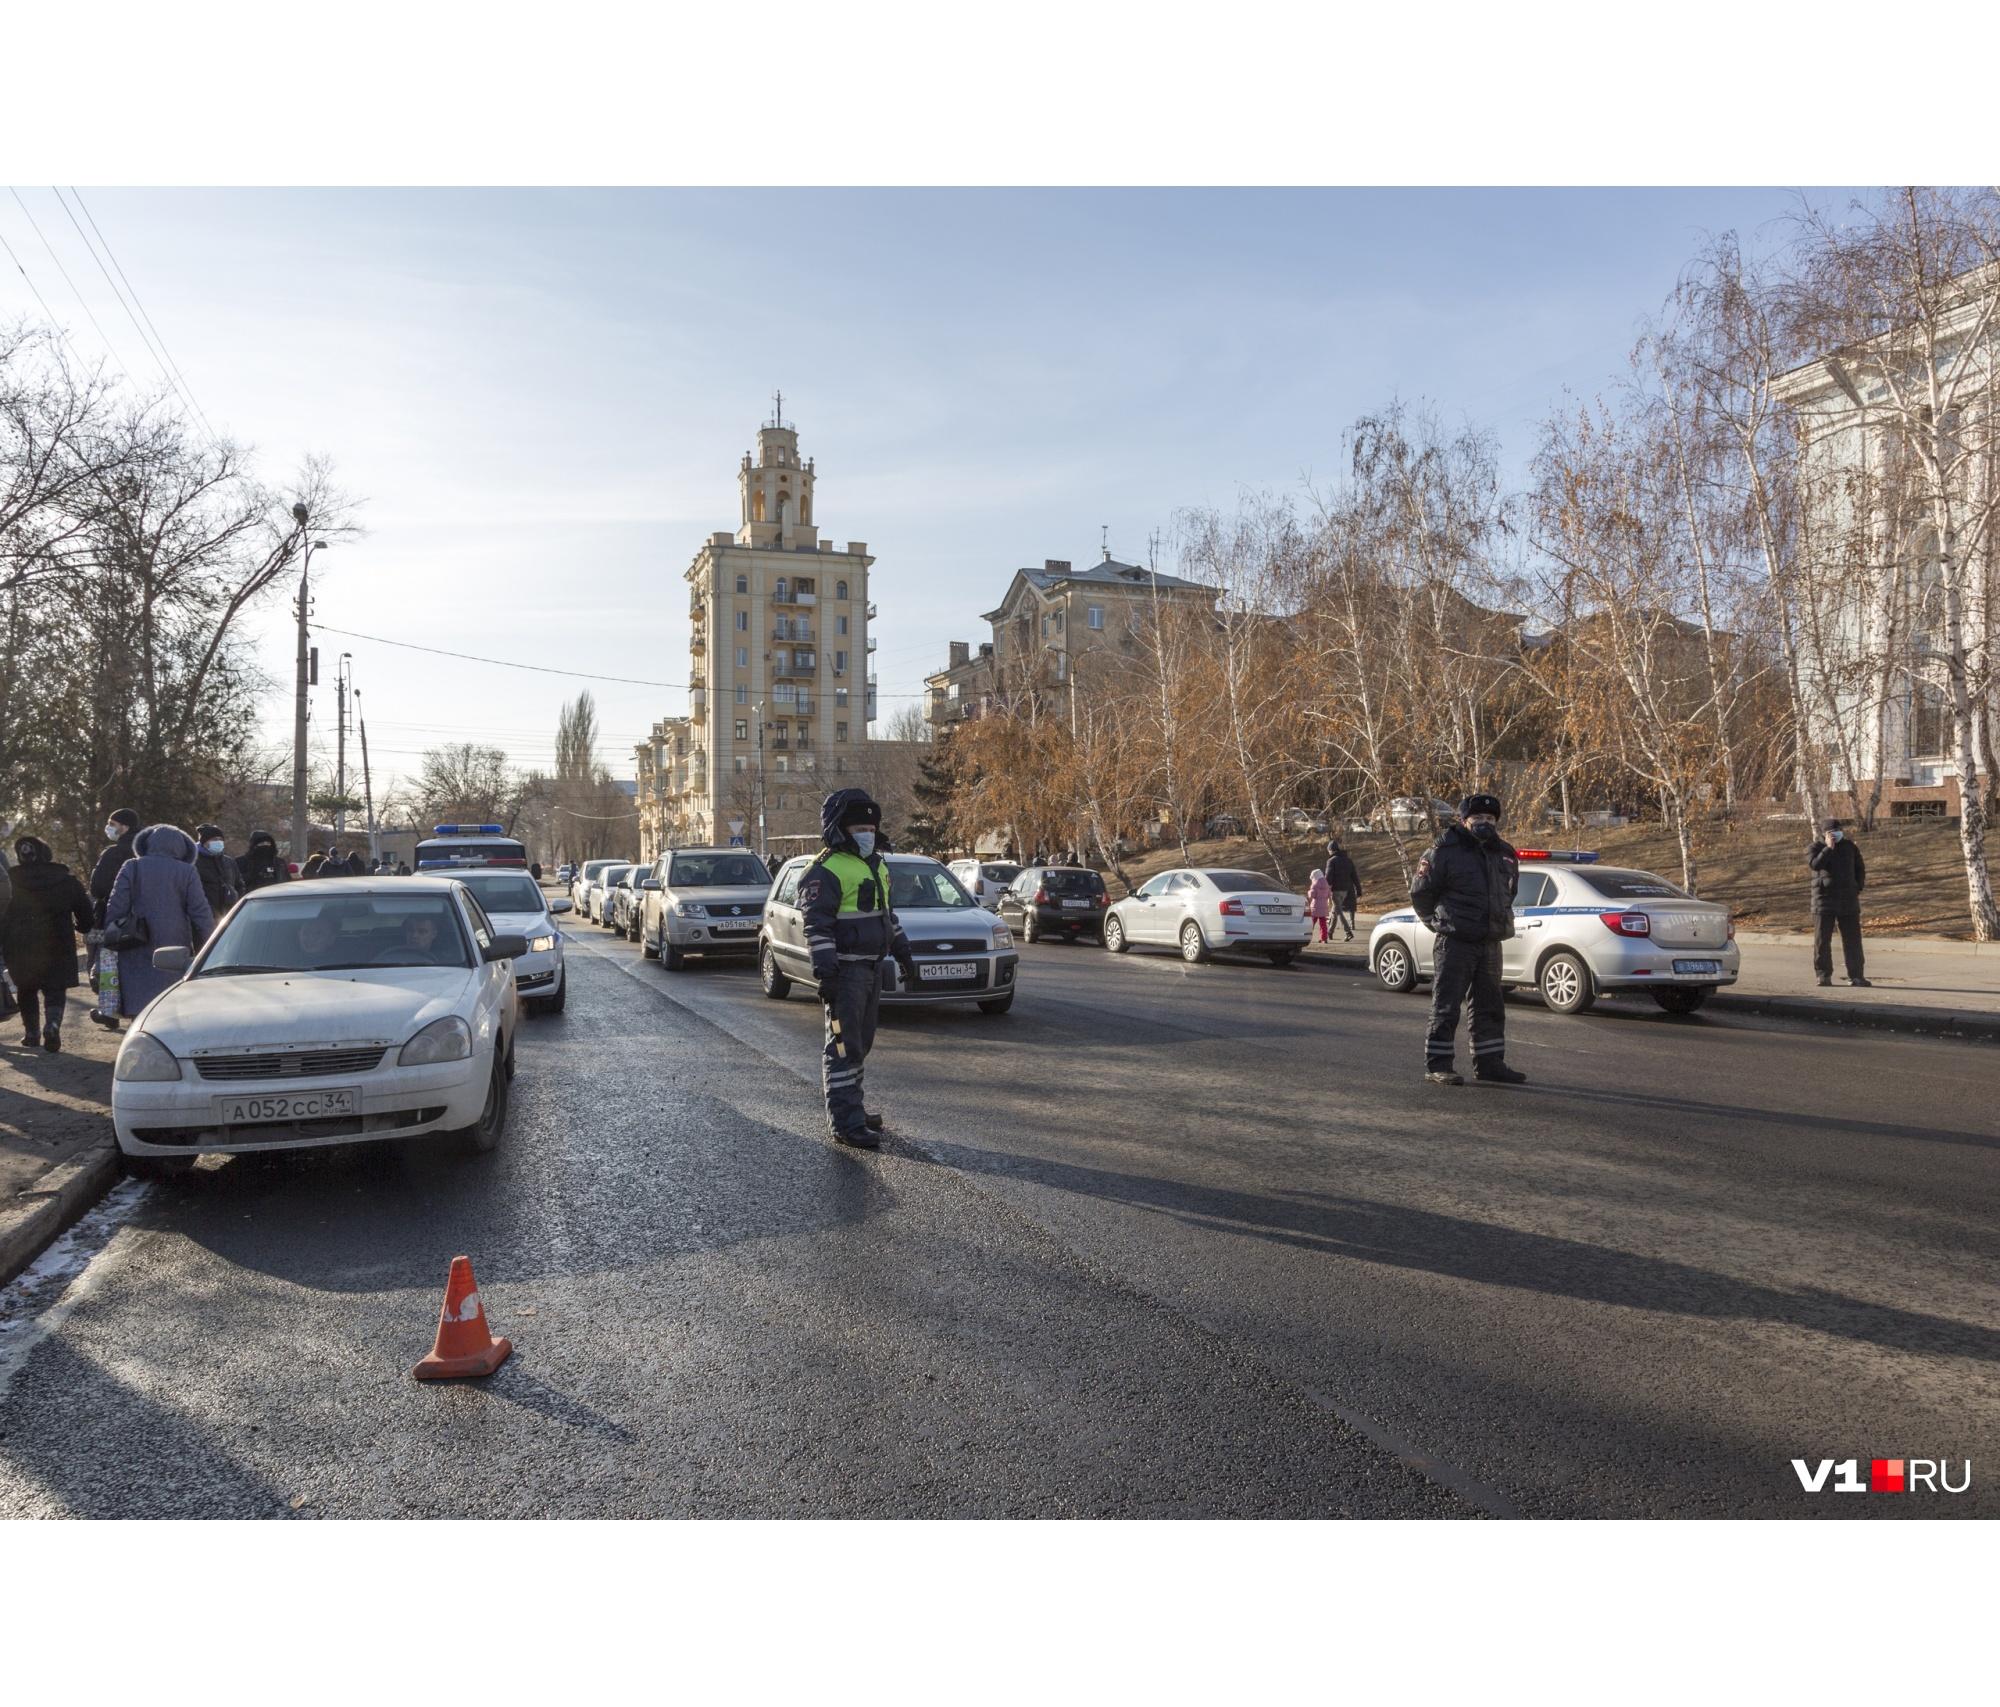 На площади в Краснооктябрьском районе дежурили полицейские